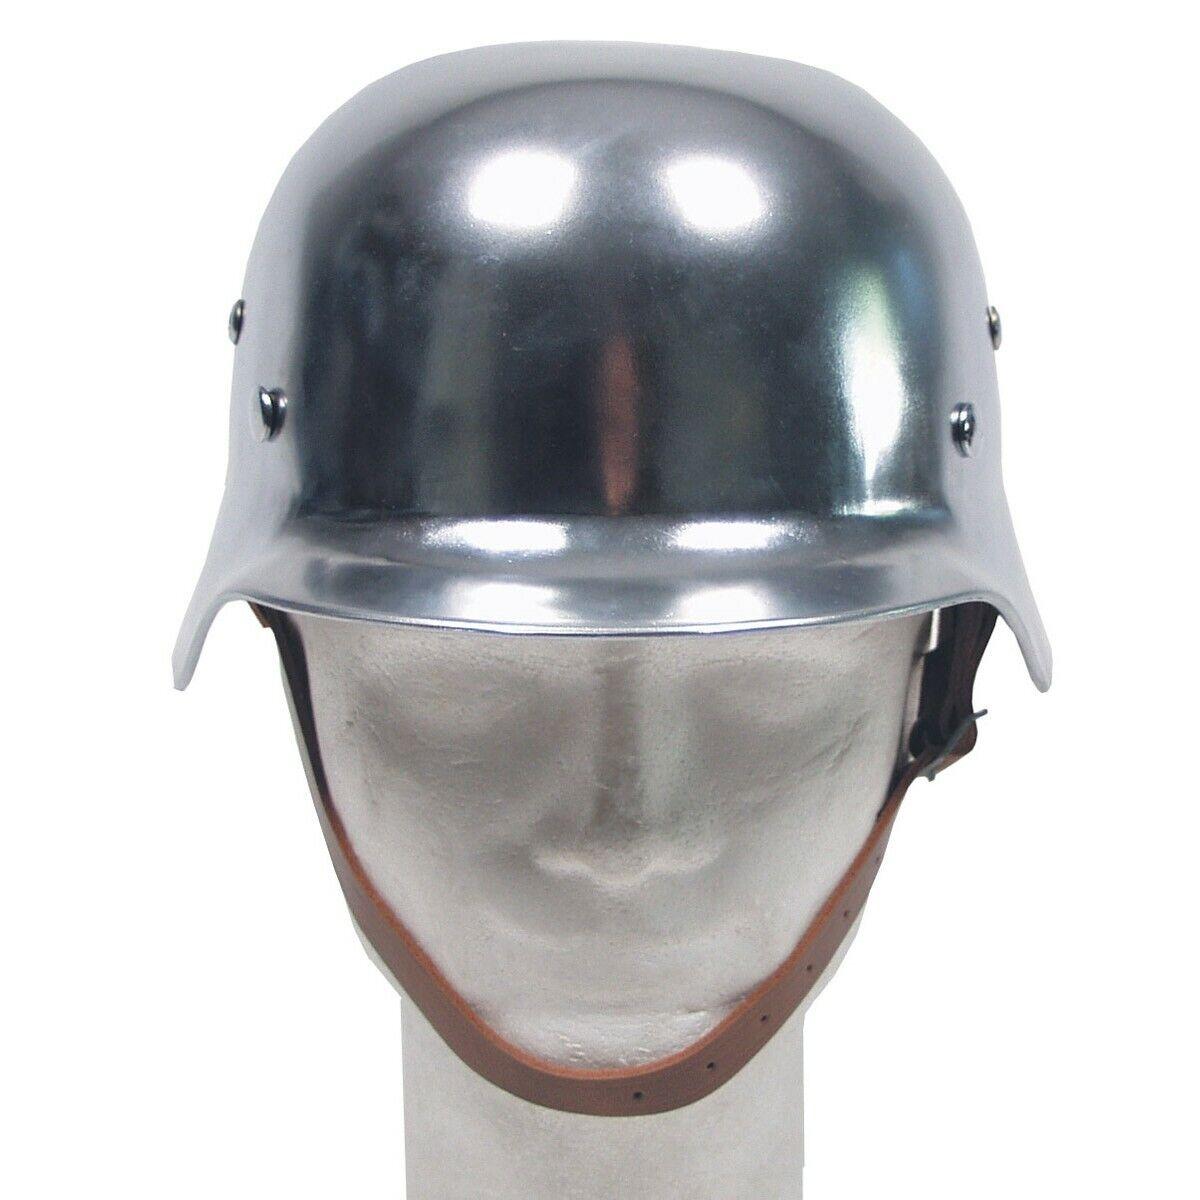 MFH casco de acero  WW II con cuero-parte interior  sin mínimo